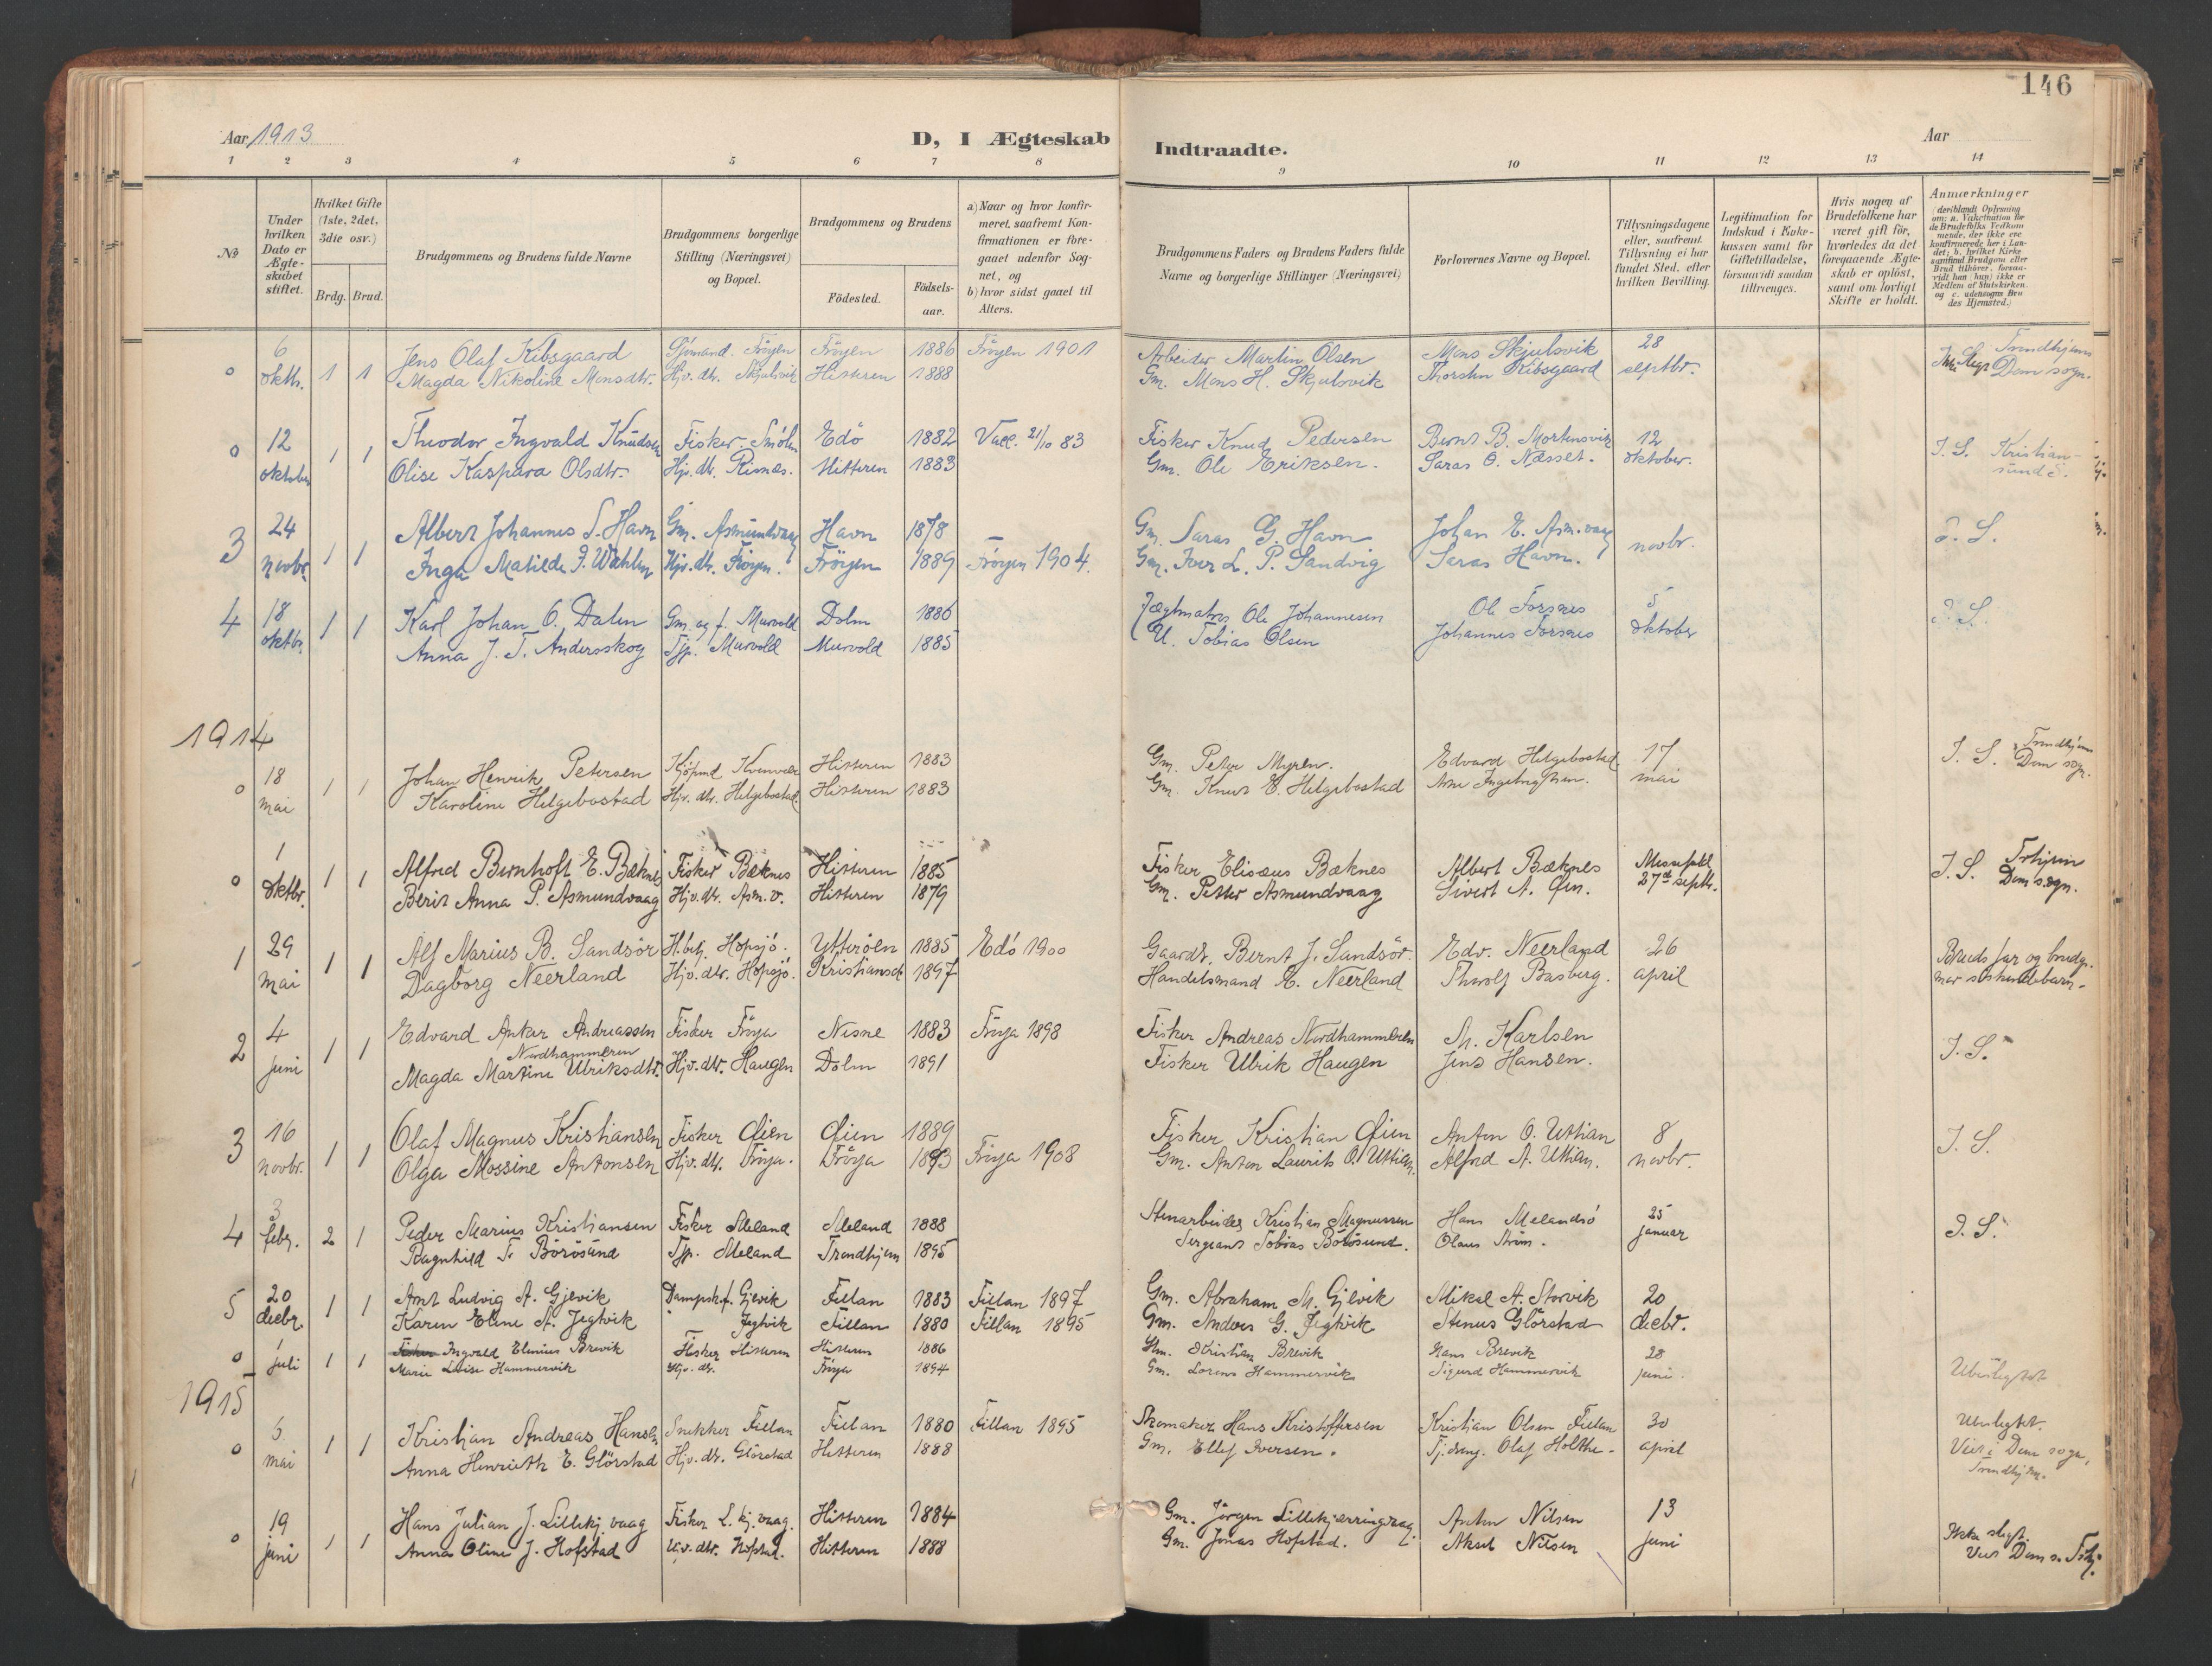 SAT, Ministerialprotokoller, klokkerbøker og fødselsregistre - Sør-Trøndelag, 634/L0537: Ministerialbok nr. 634A13, 1896-1922, s. 146